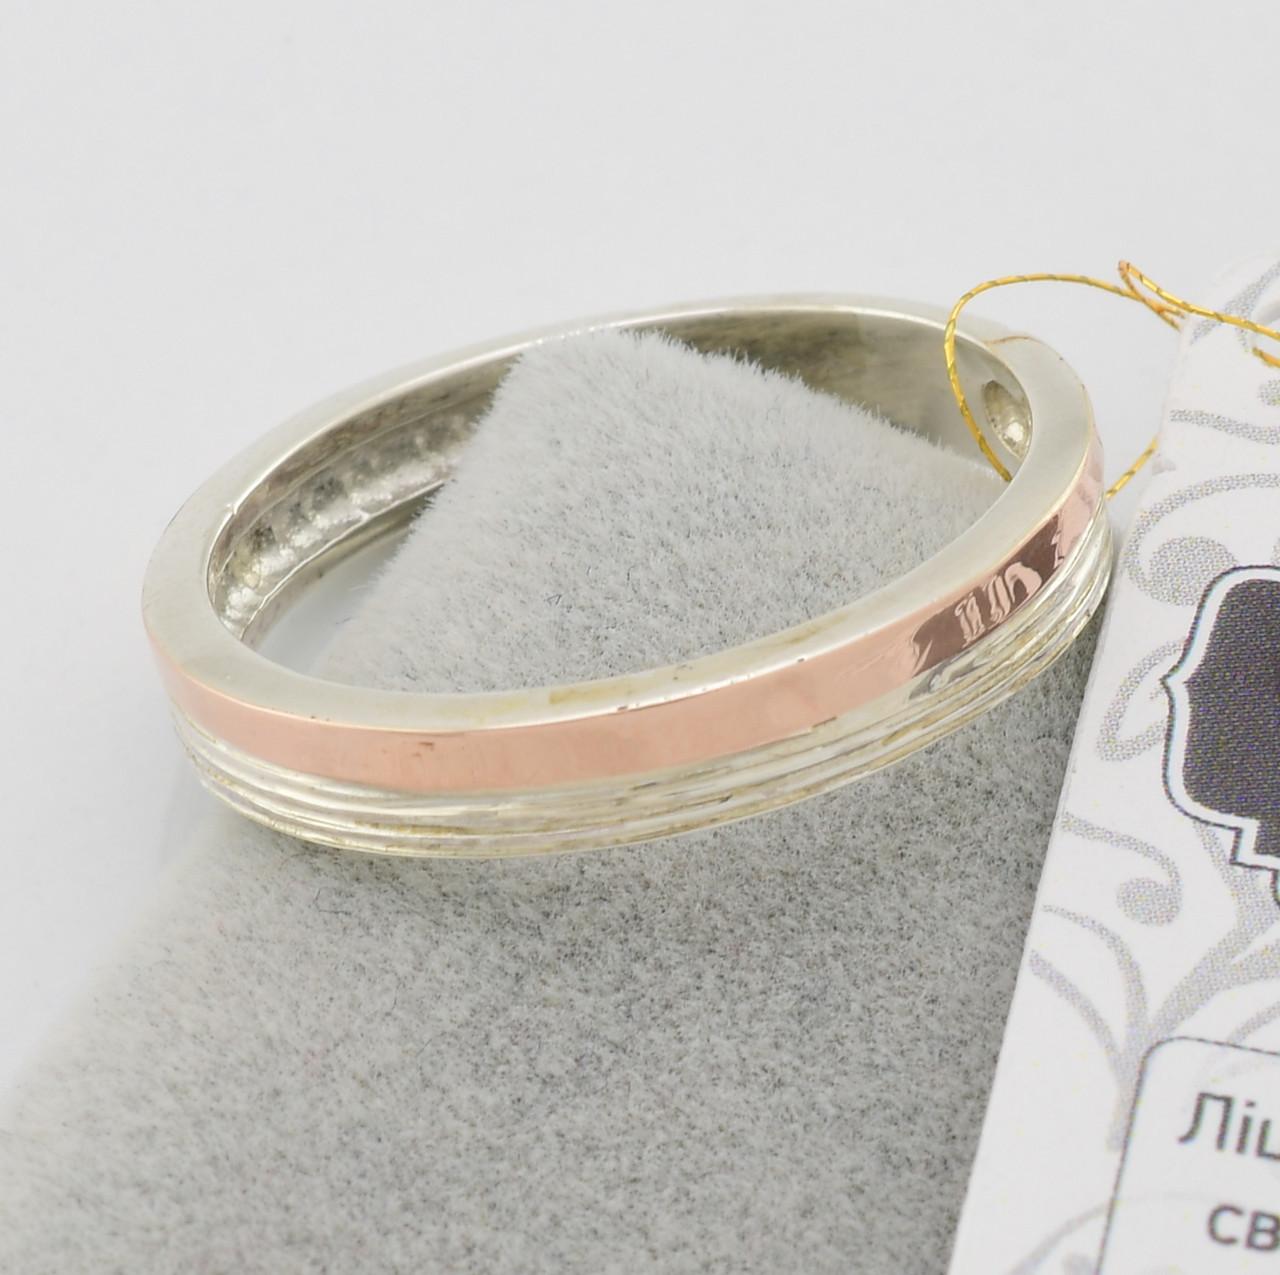 Серебряное кольцо с золотыми пластинами 282 ЯК, вес 3.6 г, размер 19.5